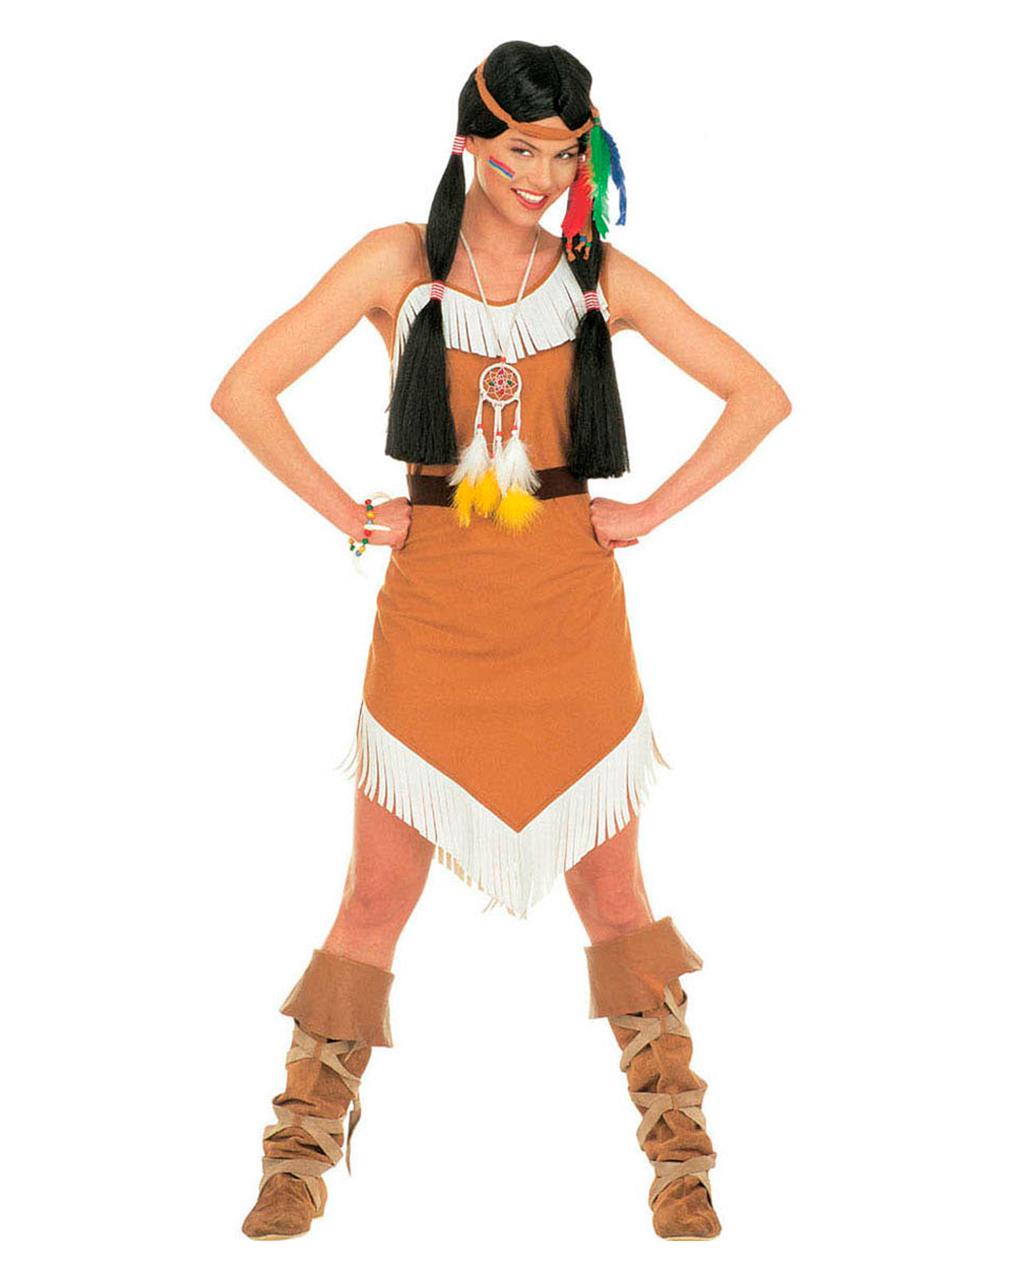 Squaw Indianerin Kostum Gr M Kostume In Grossen Grossen Findest Du